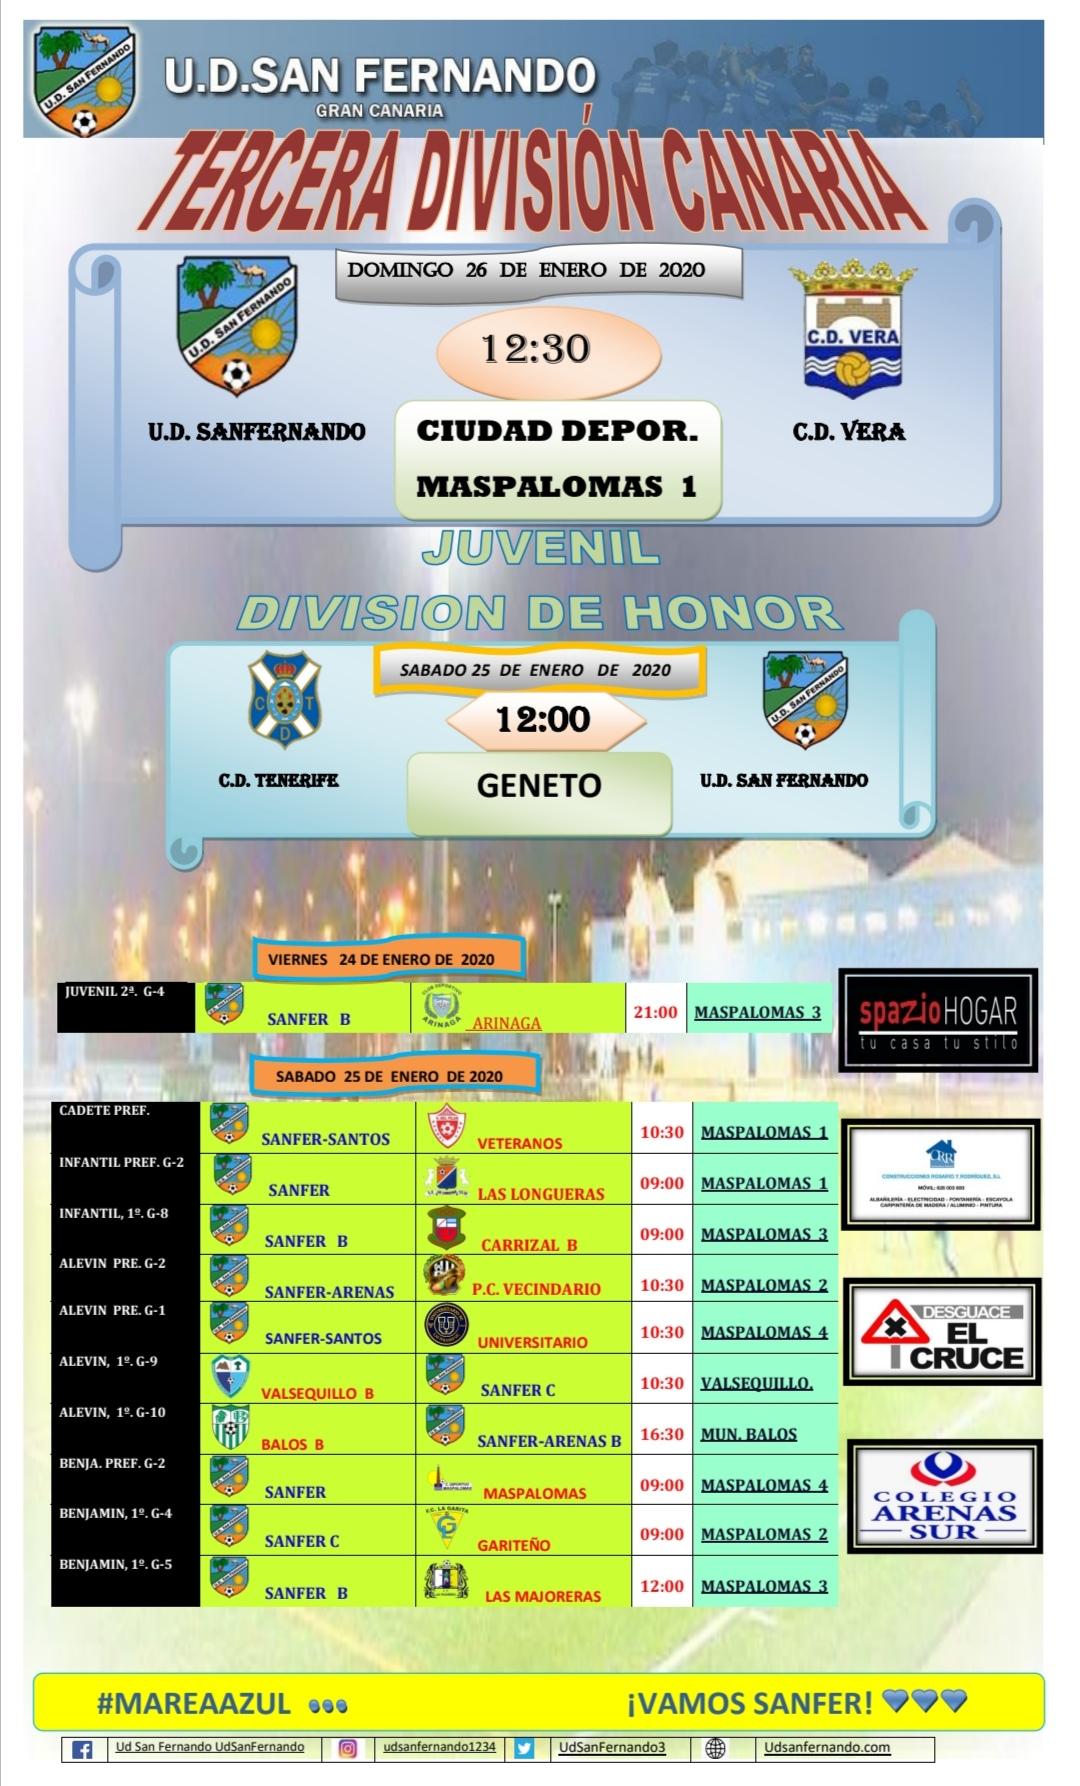 PARTIDOS PRÓXIMA JORNADA 24-01  HASTA 26-01-2020